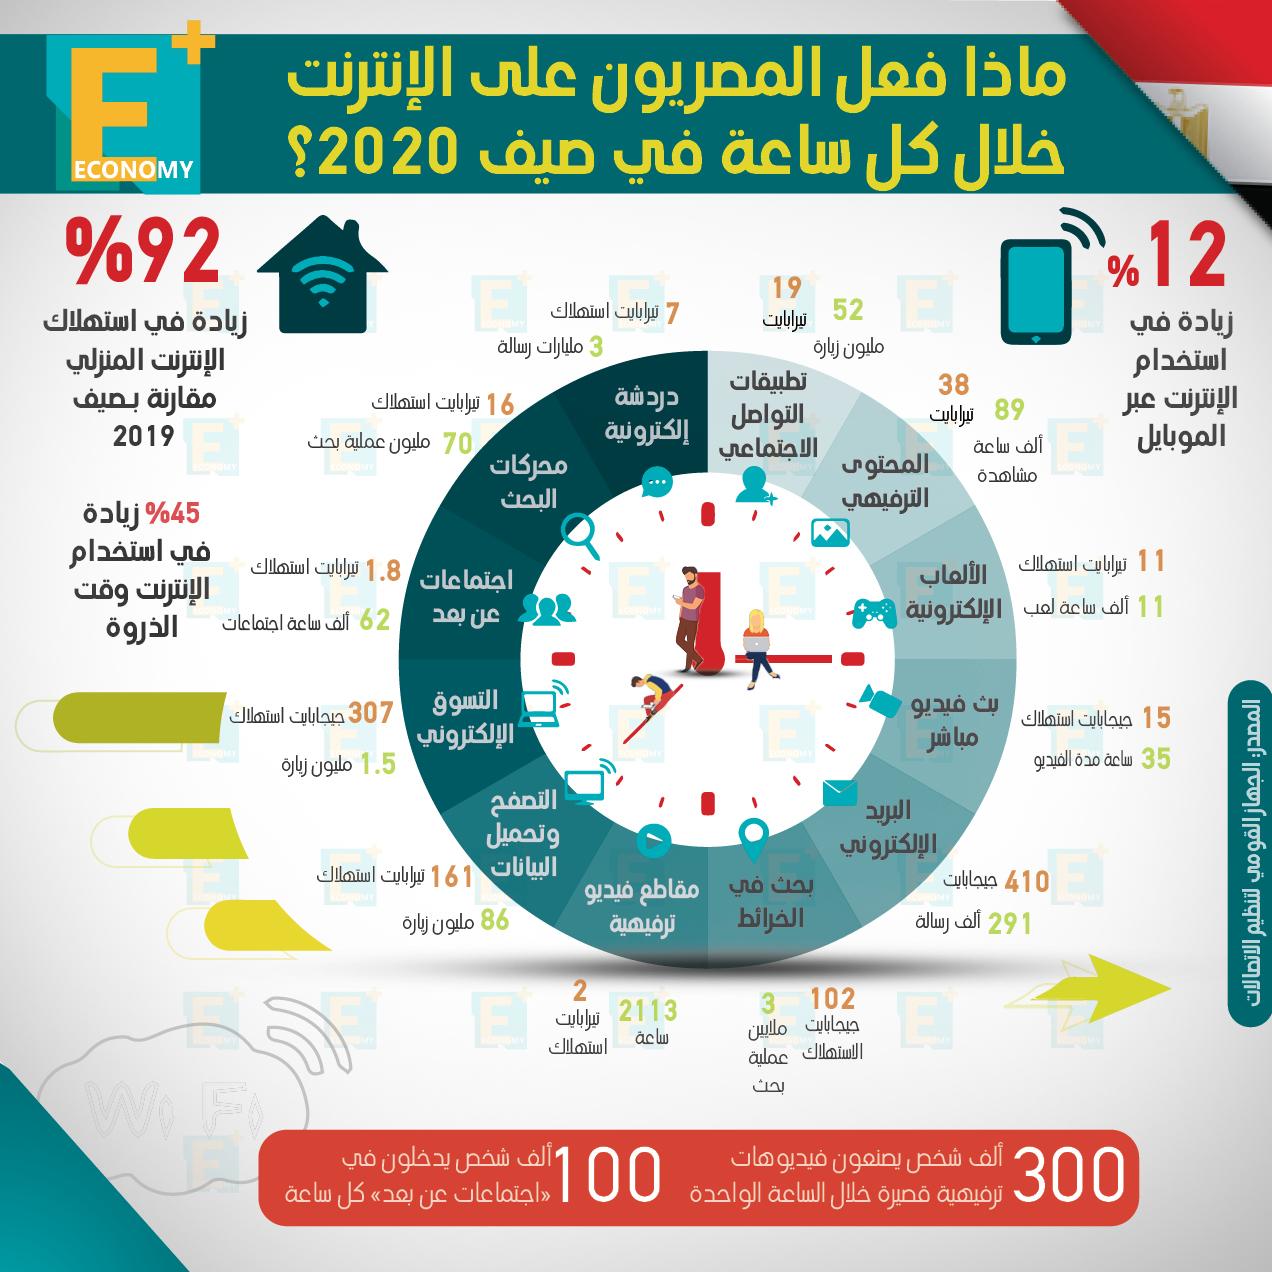 ماذا فعل المصريون على الإنترنت خلال كل ساعة في صيف 2020؟